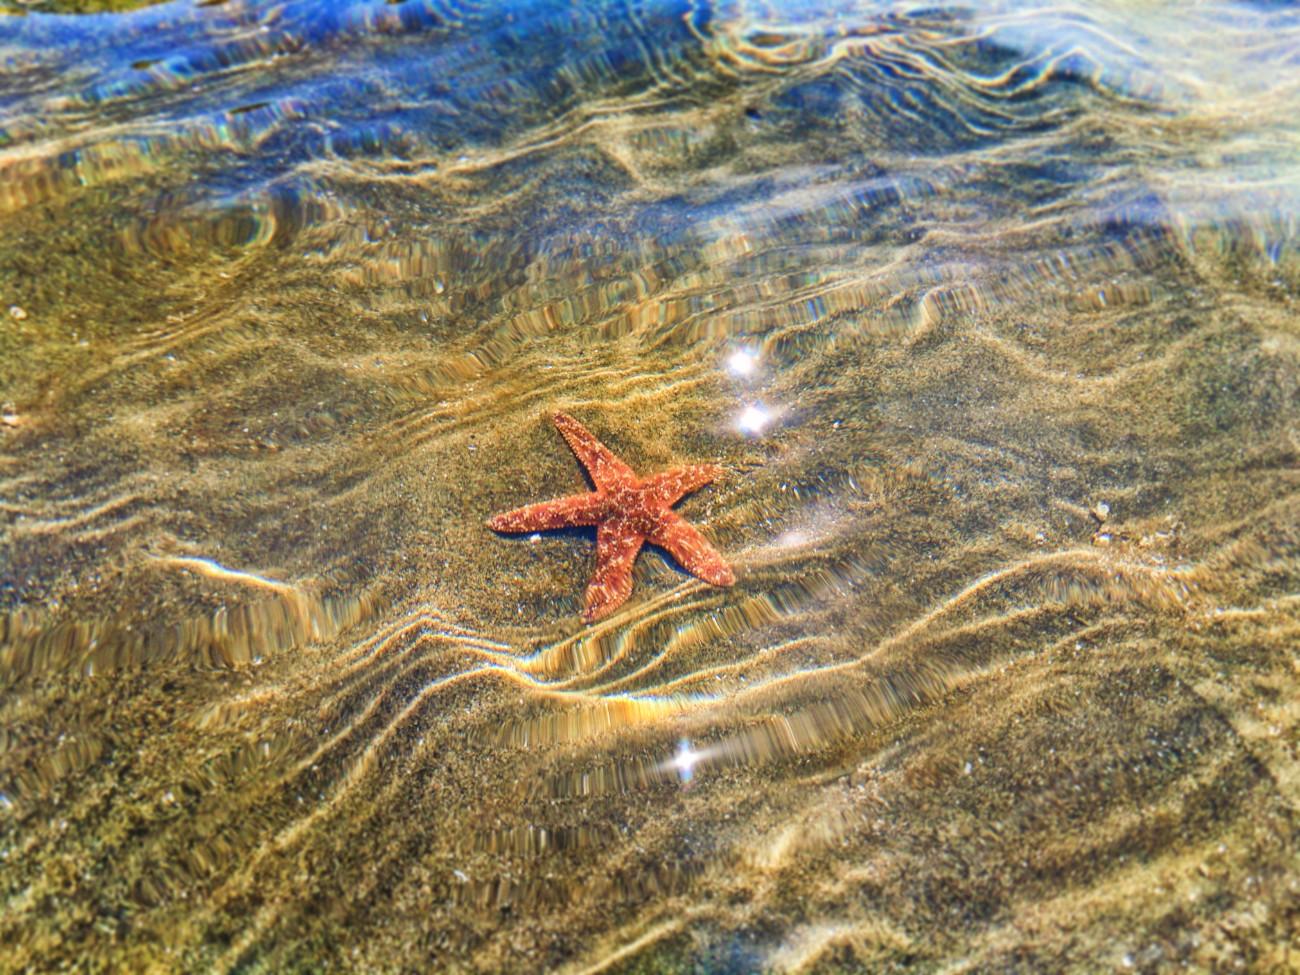 Sea star on sandbar at Ruby Beach Olympic National Park 1